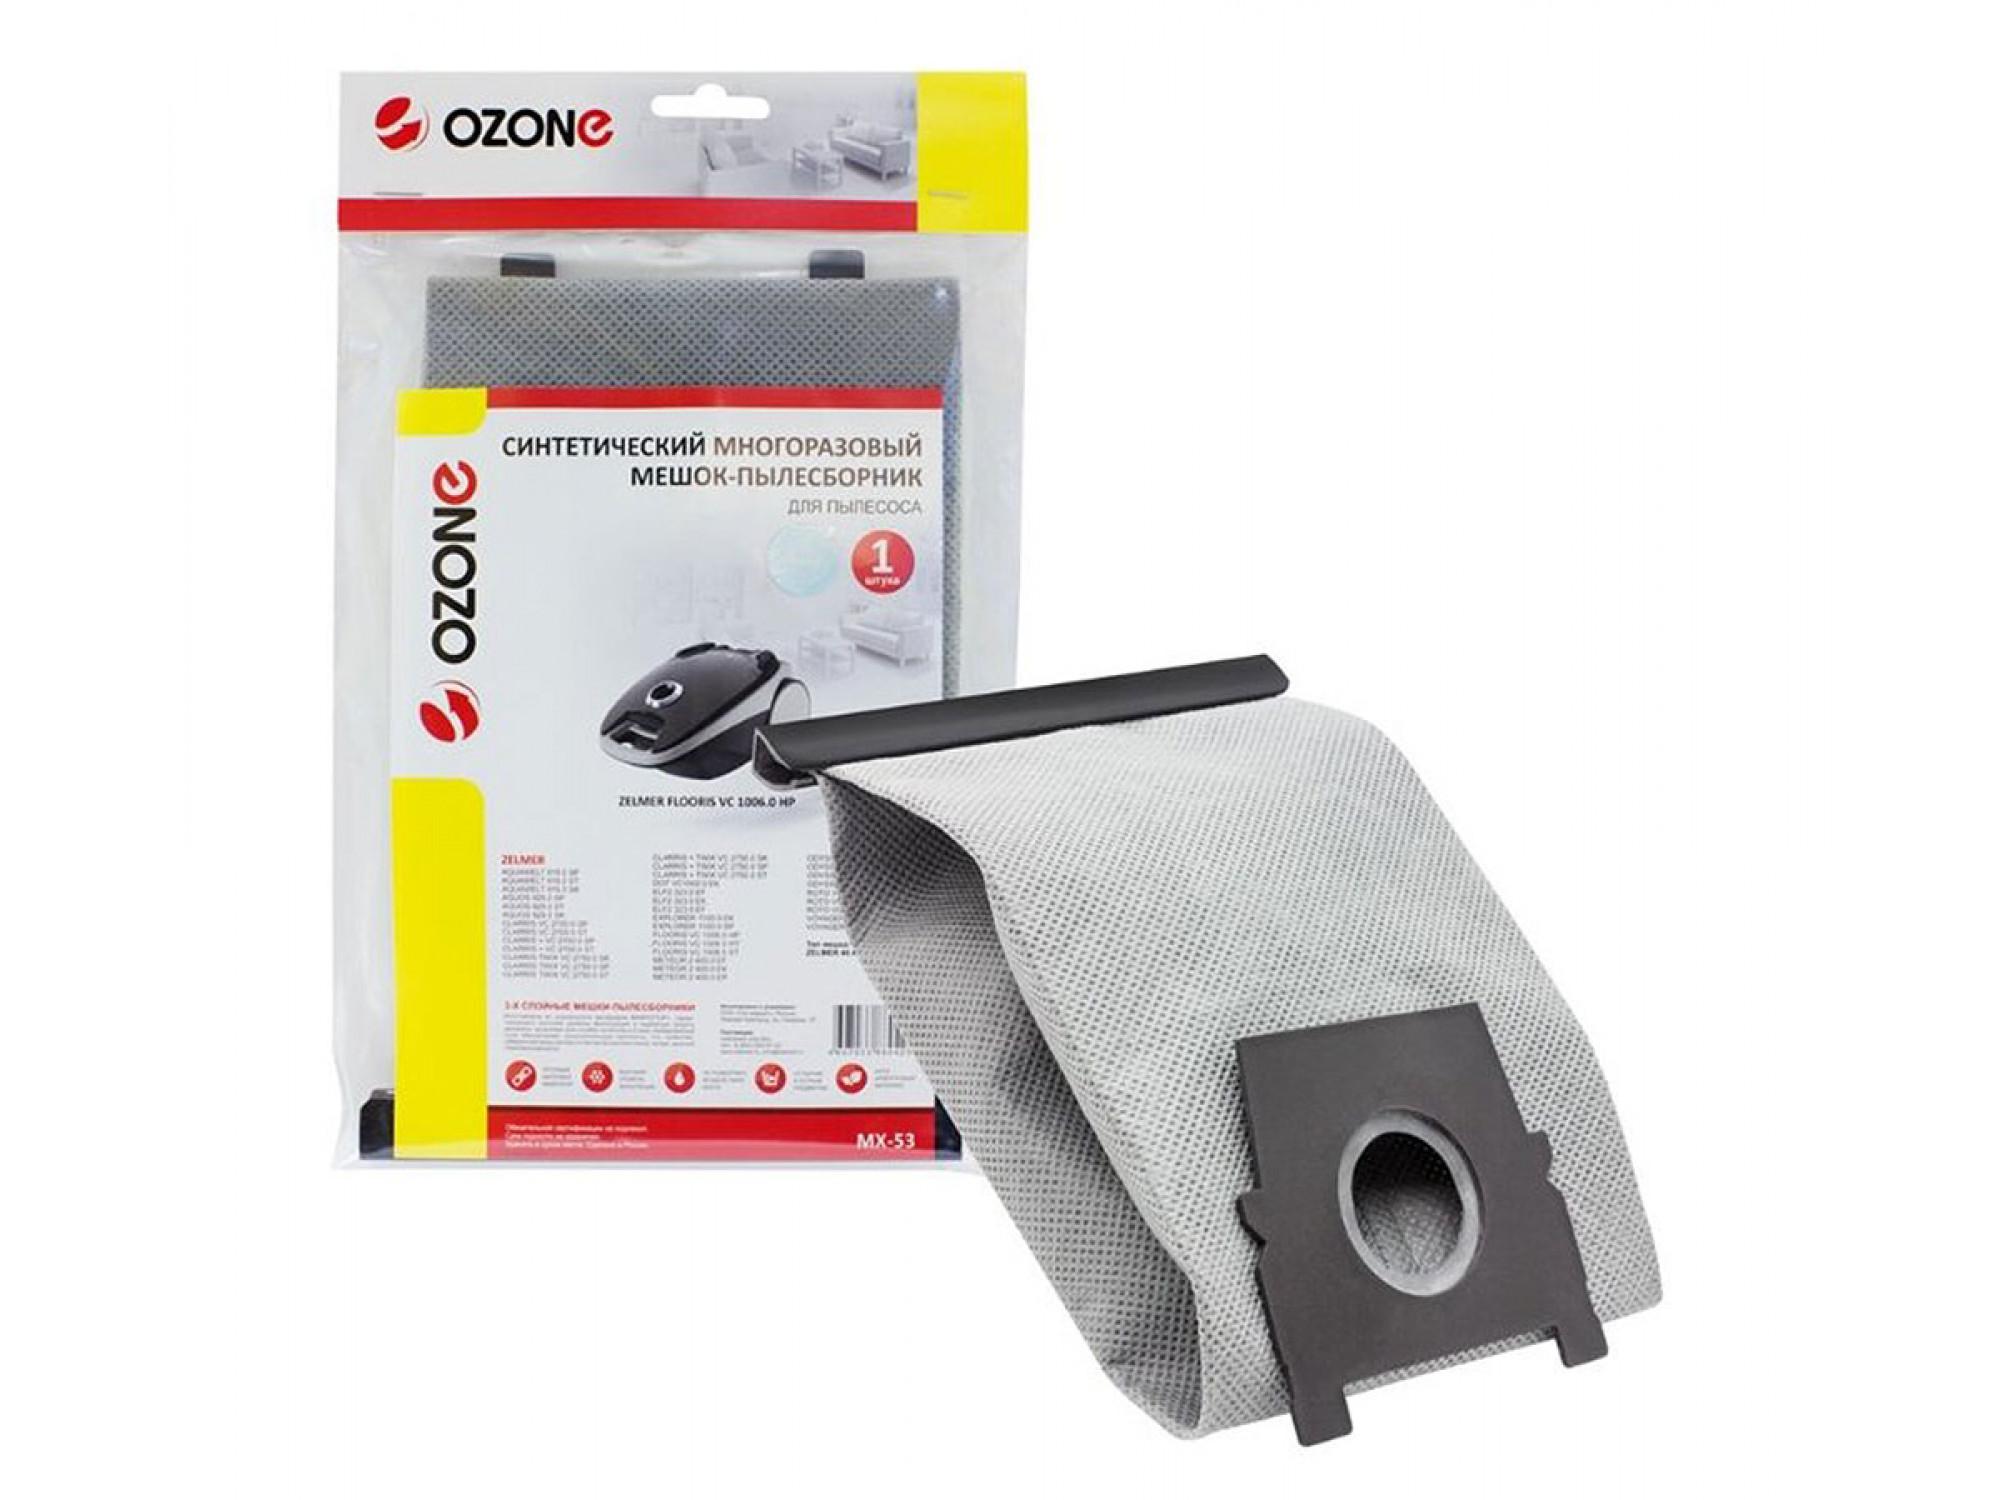 փոշեկուլի պարկ OZONE MX-53